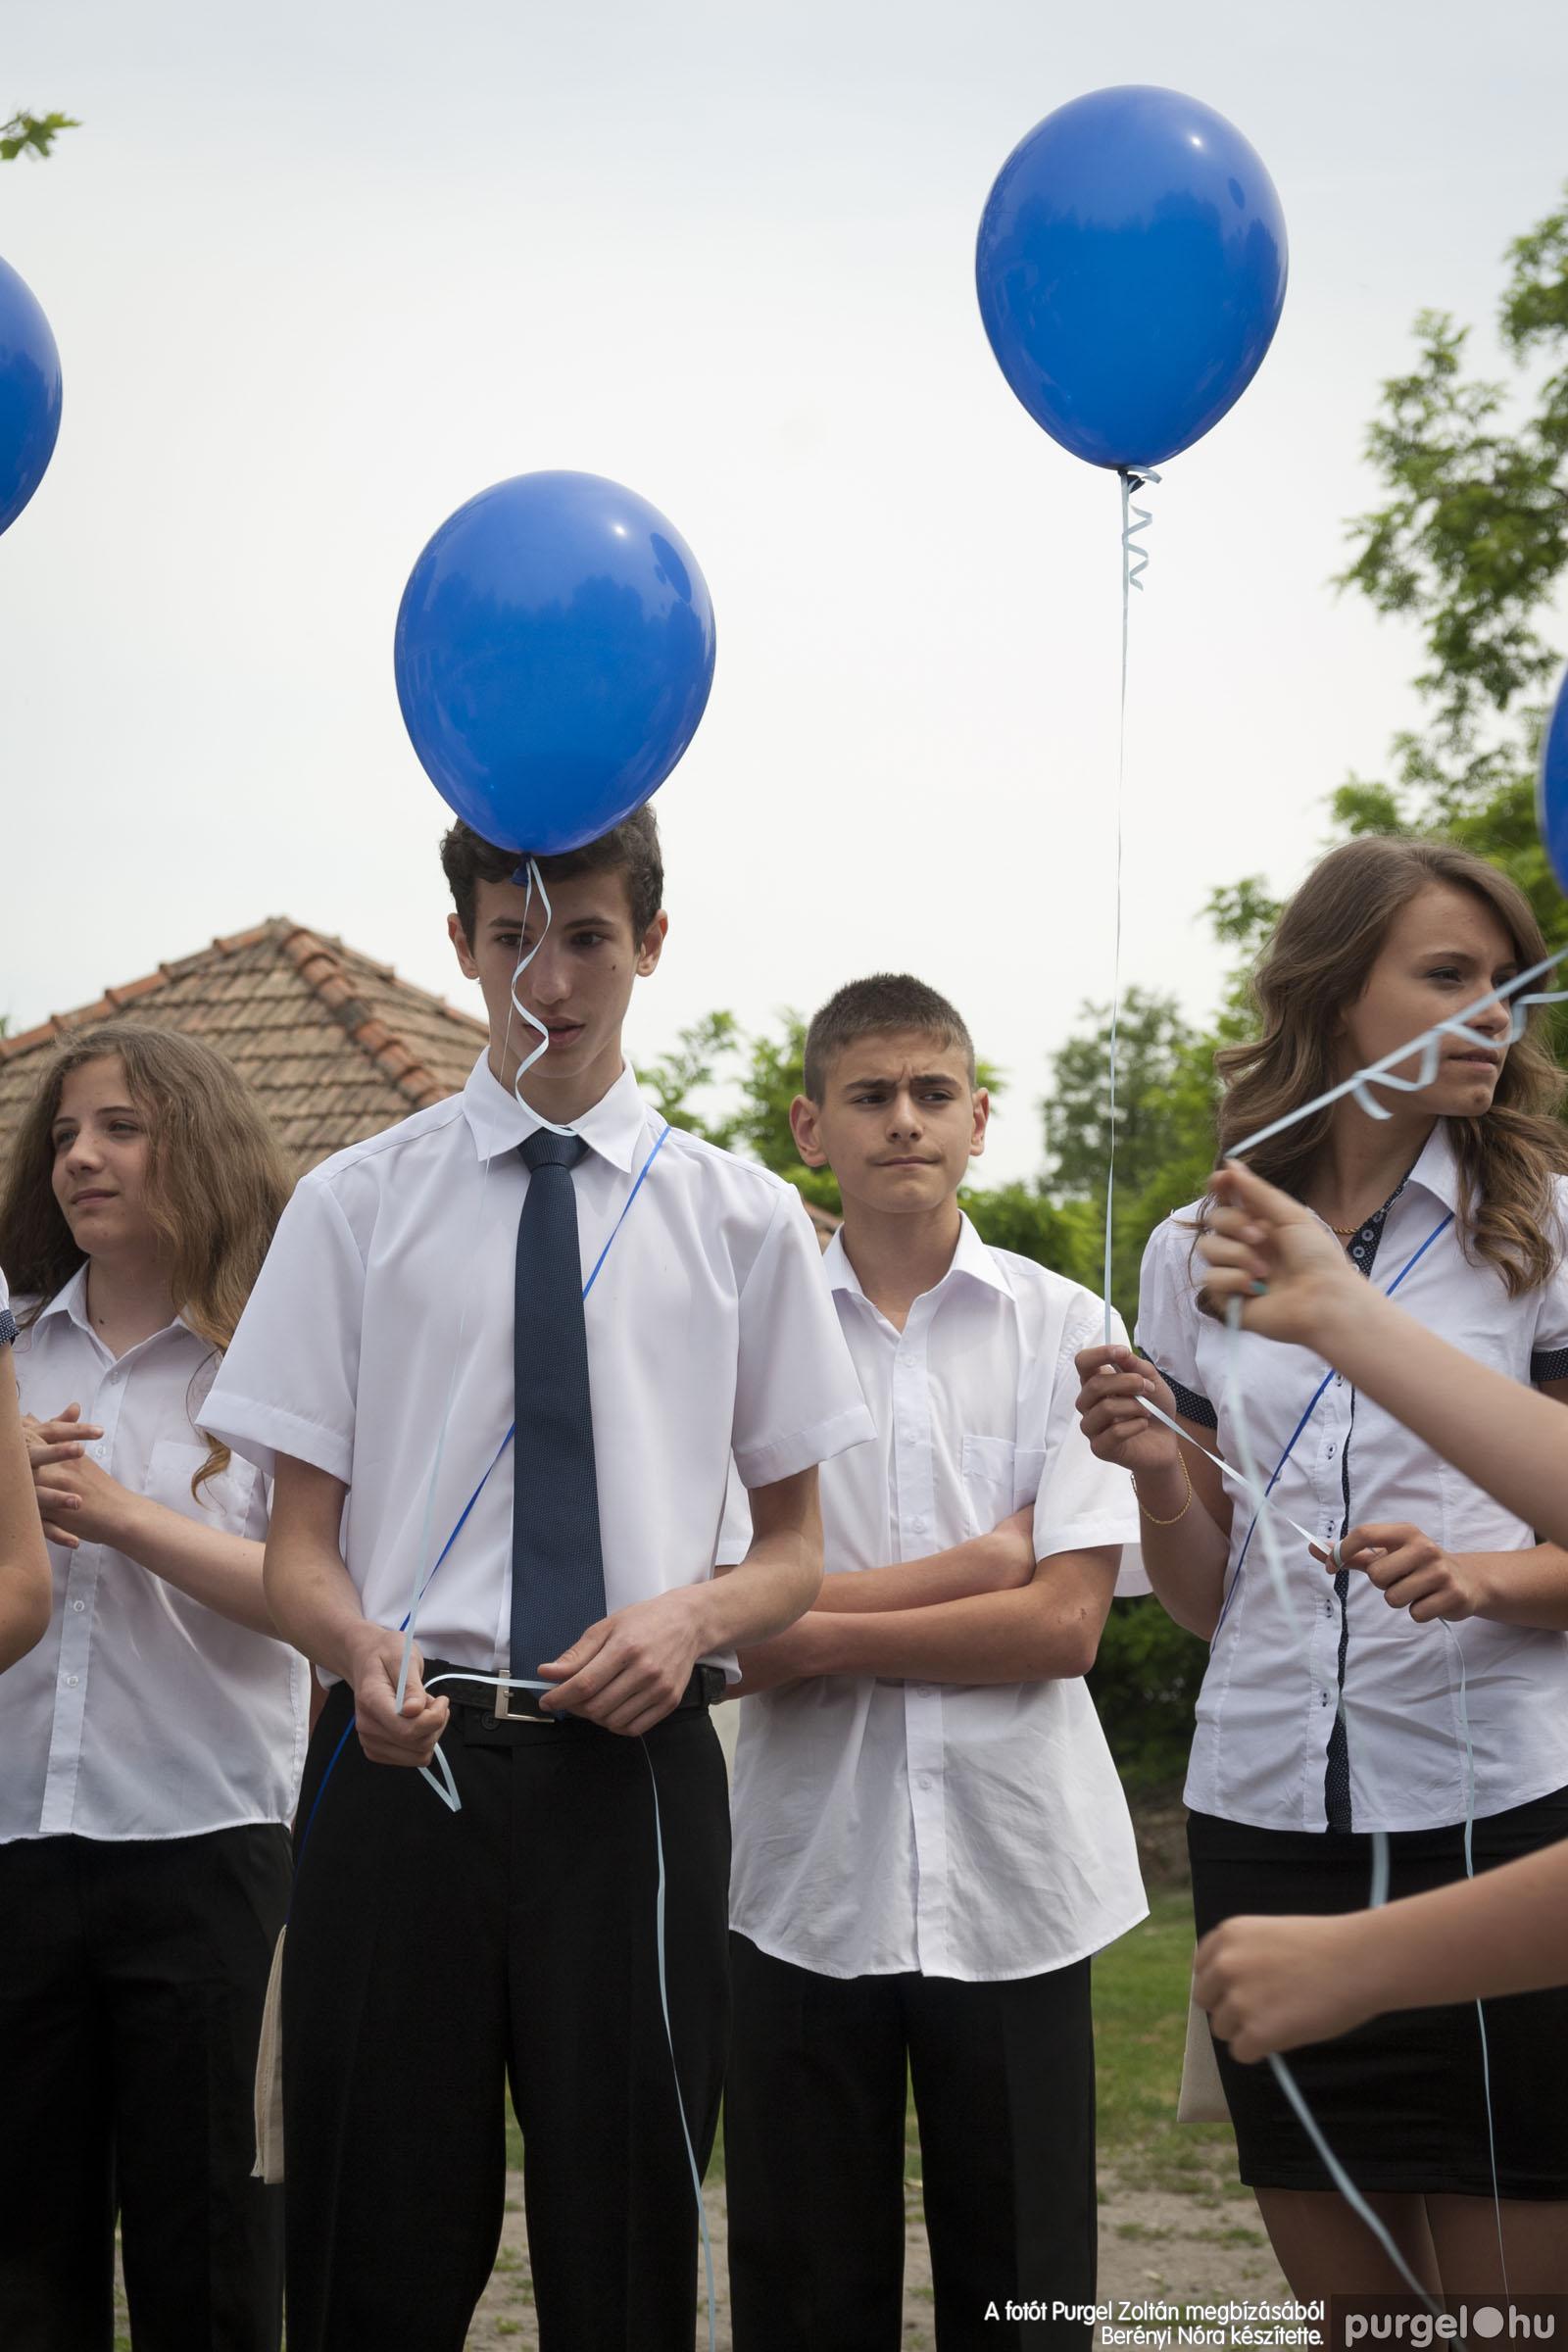 2014.06.14. 339 Forray Máté Általános Iskola ballagás 2014. - Fotó:BERÉNYI NÓRA© _MG_6073